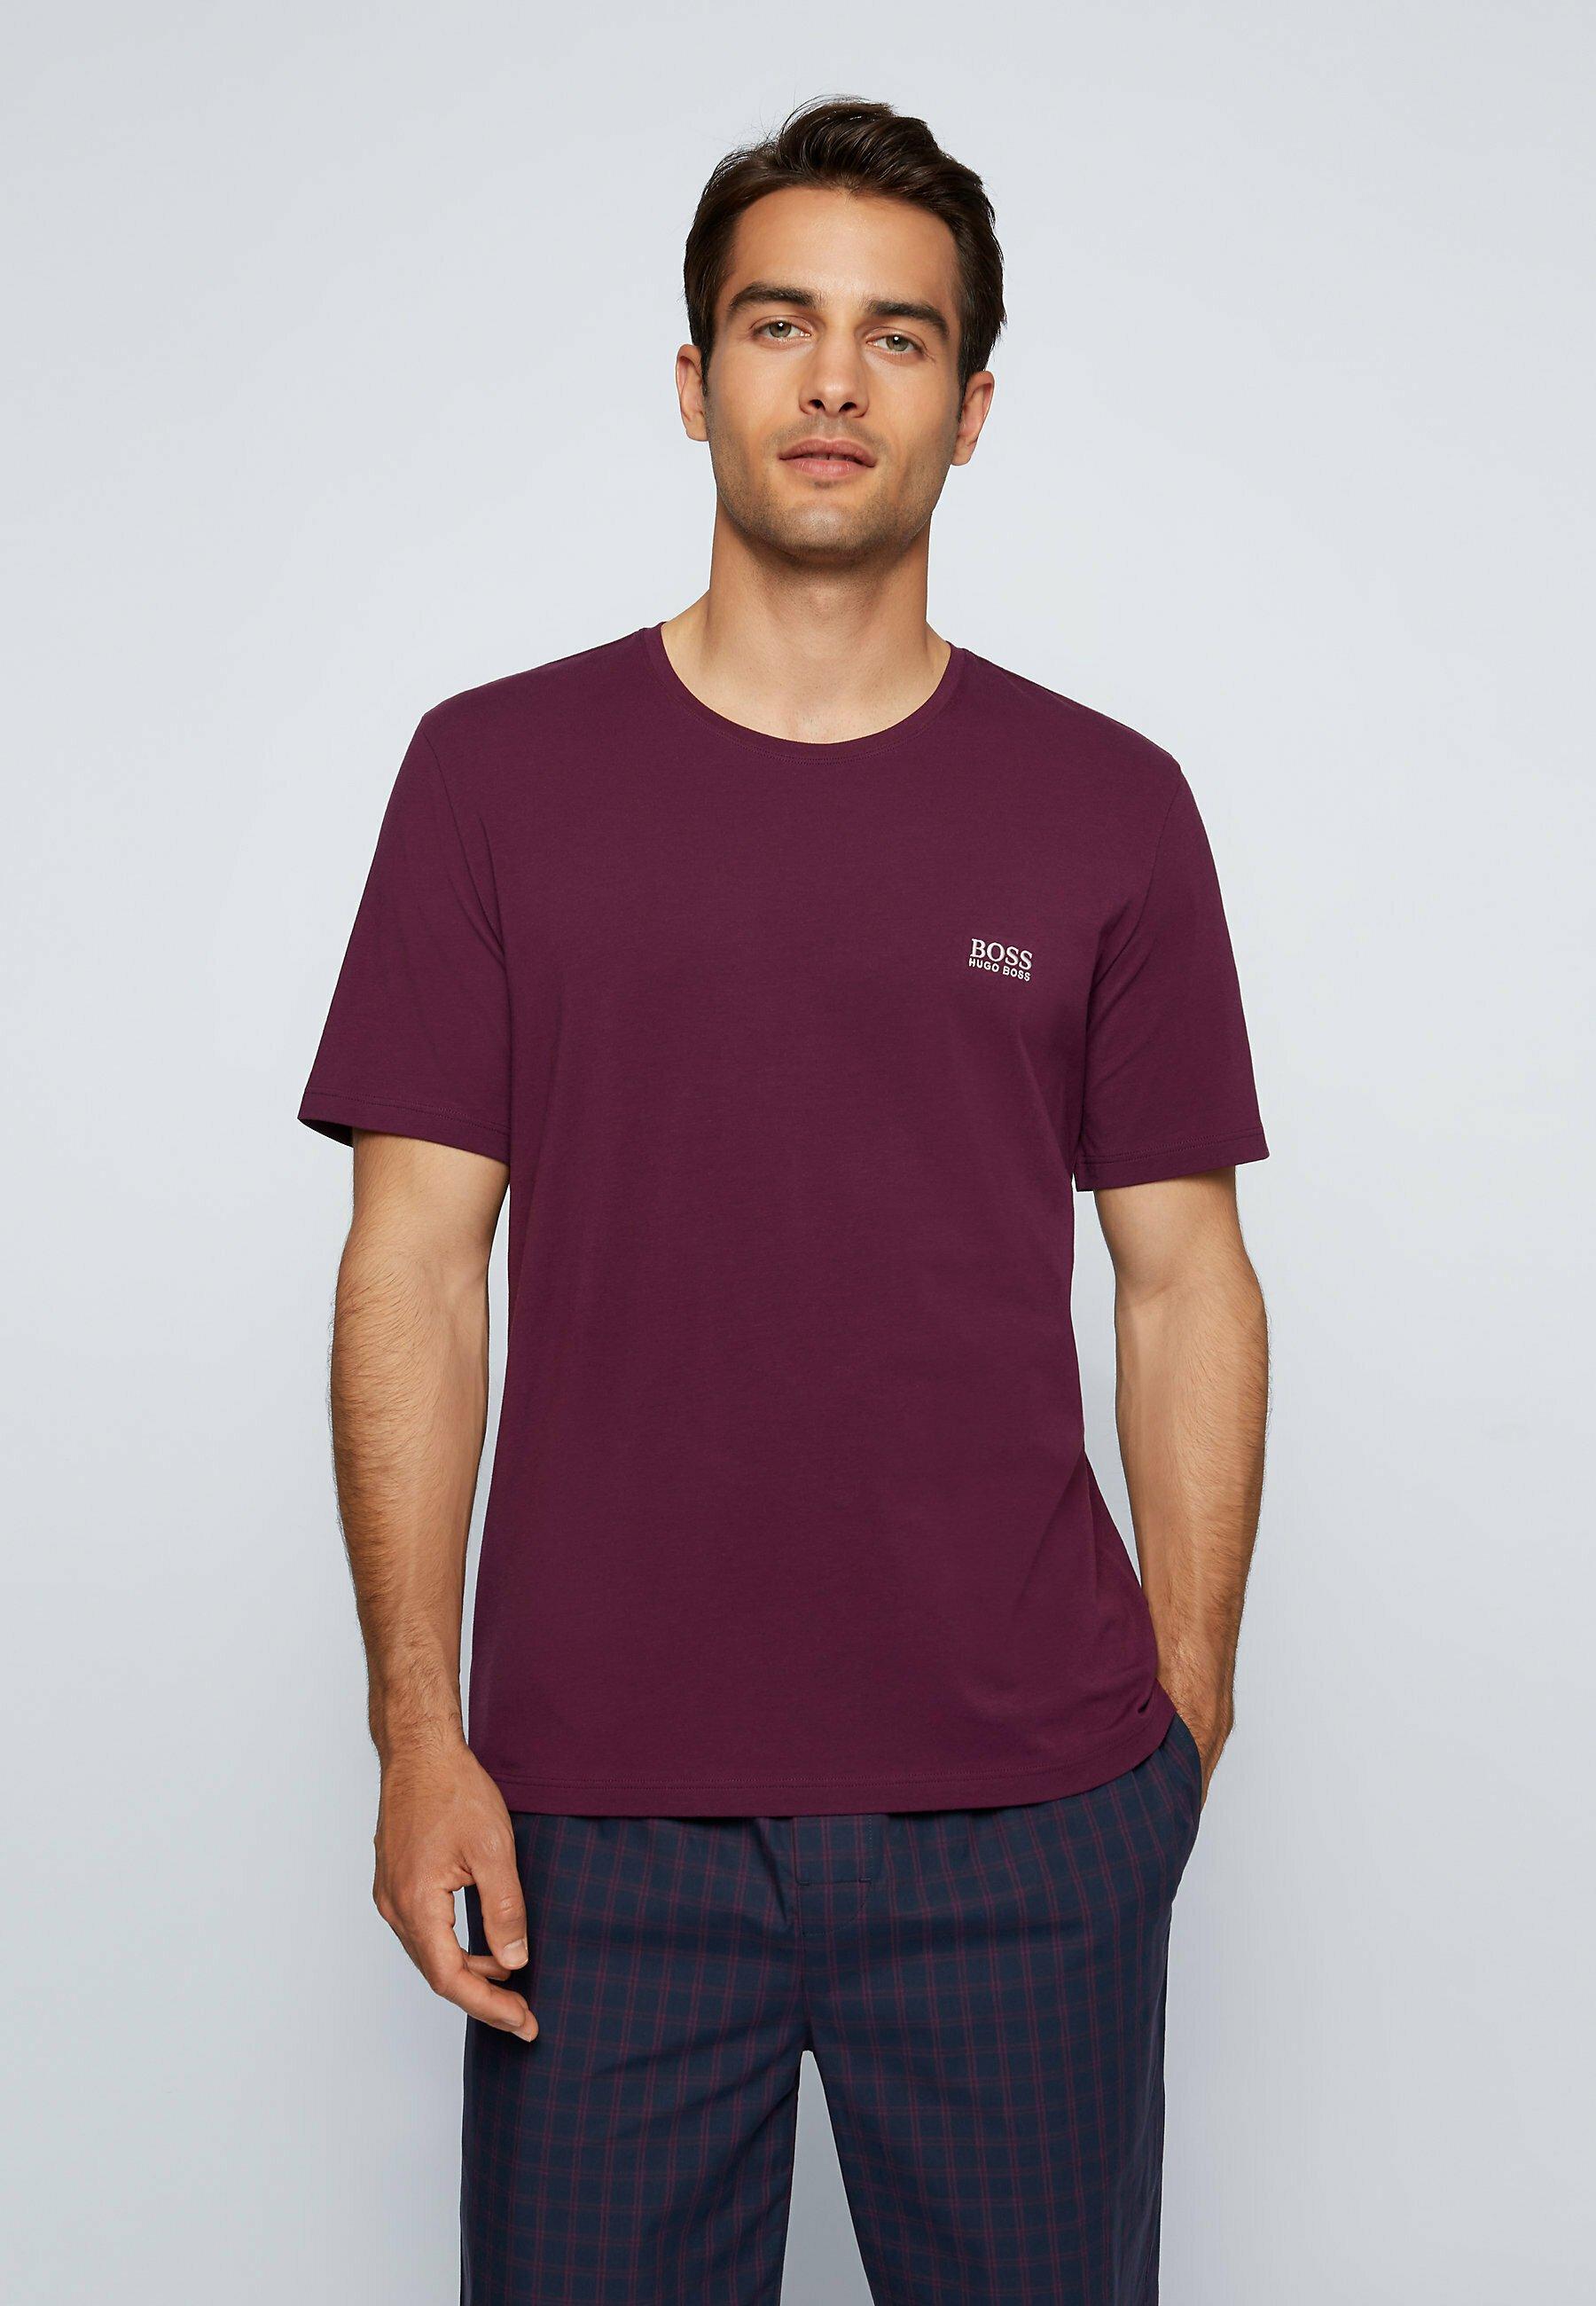 Herren MIX & MATCH - Nachtwäsche Shirt